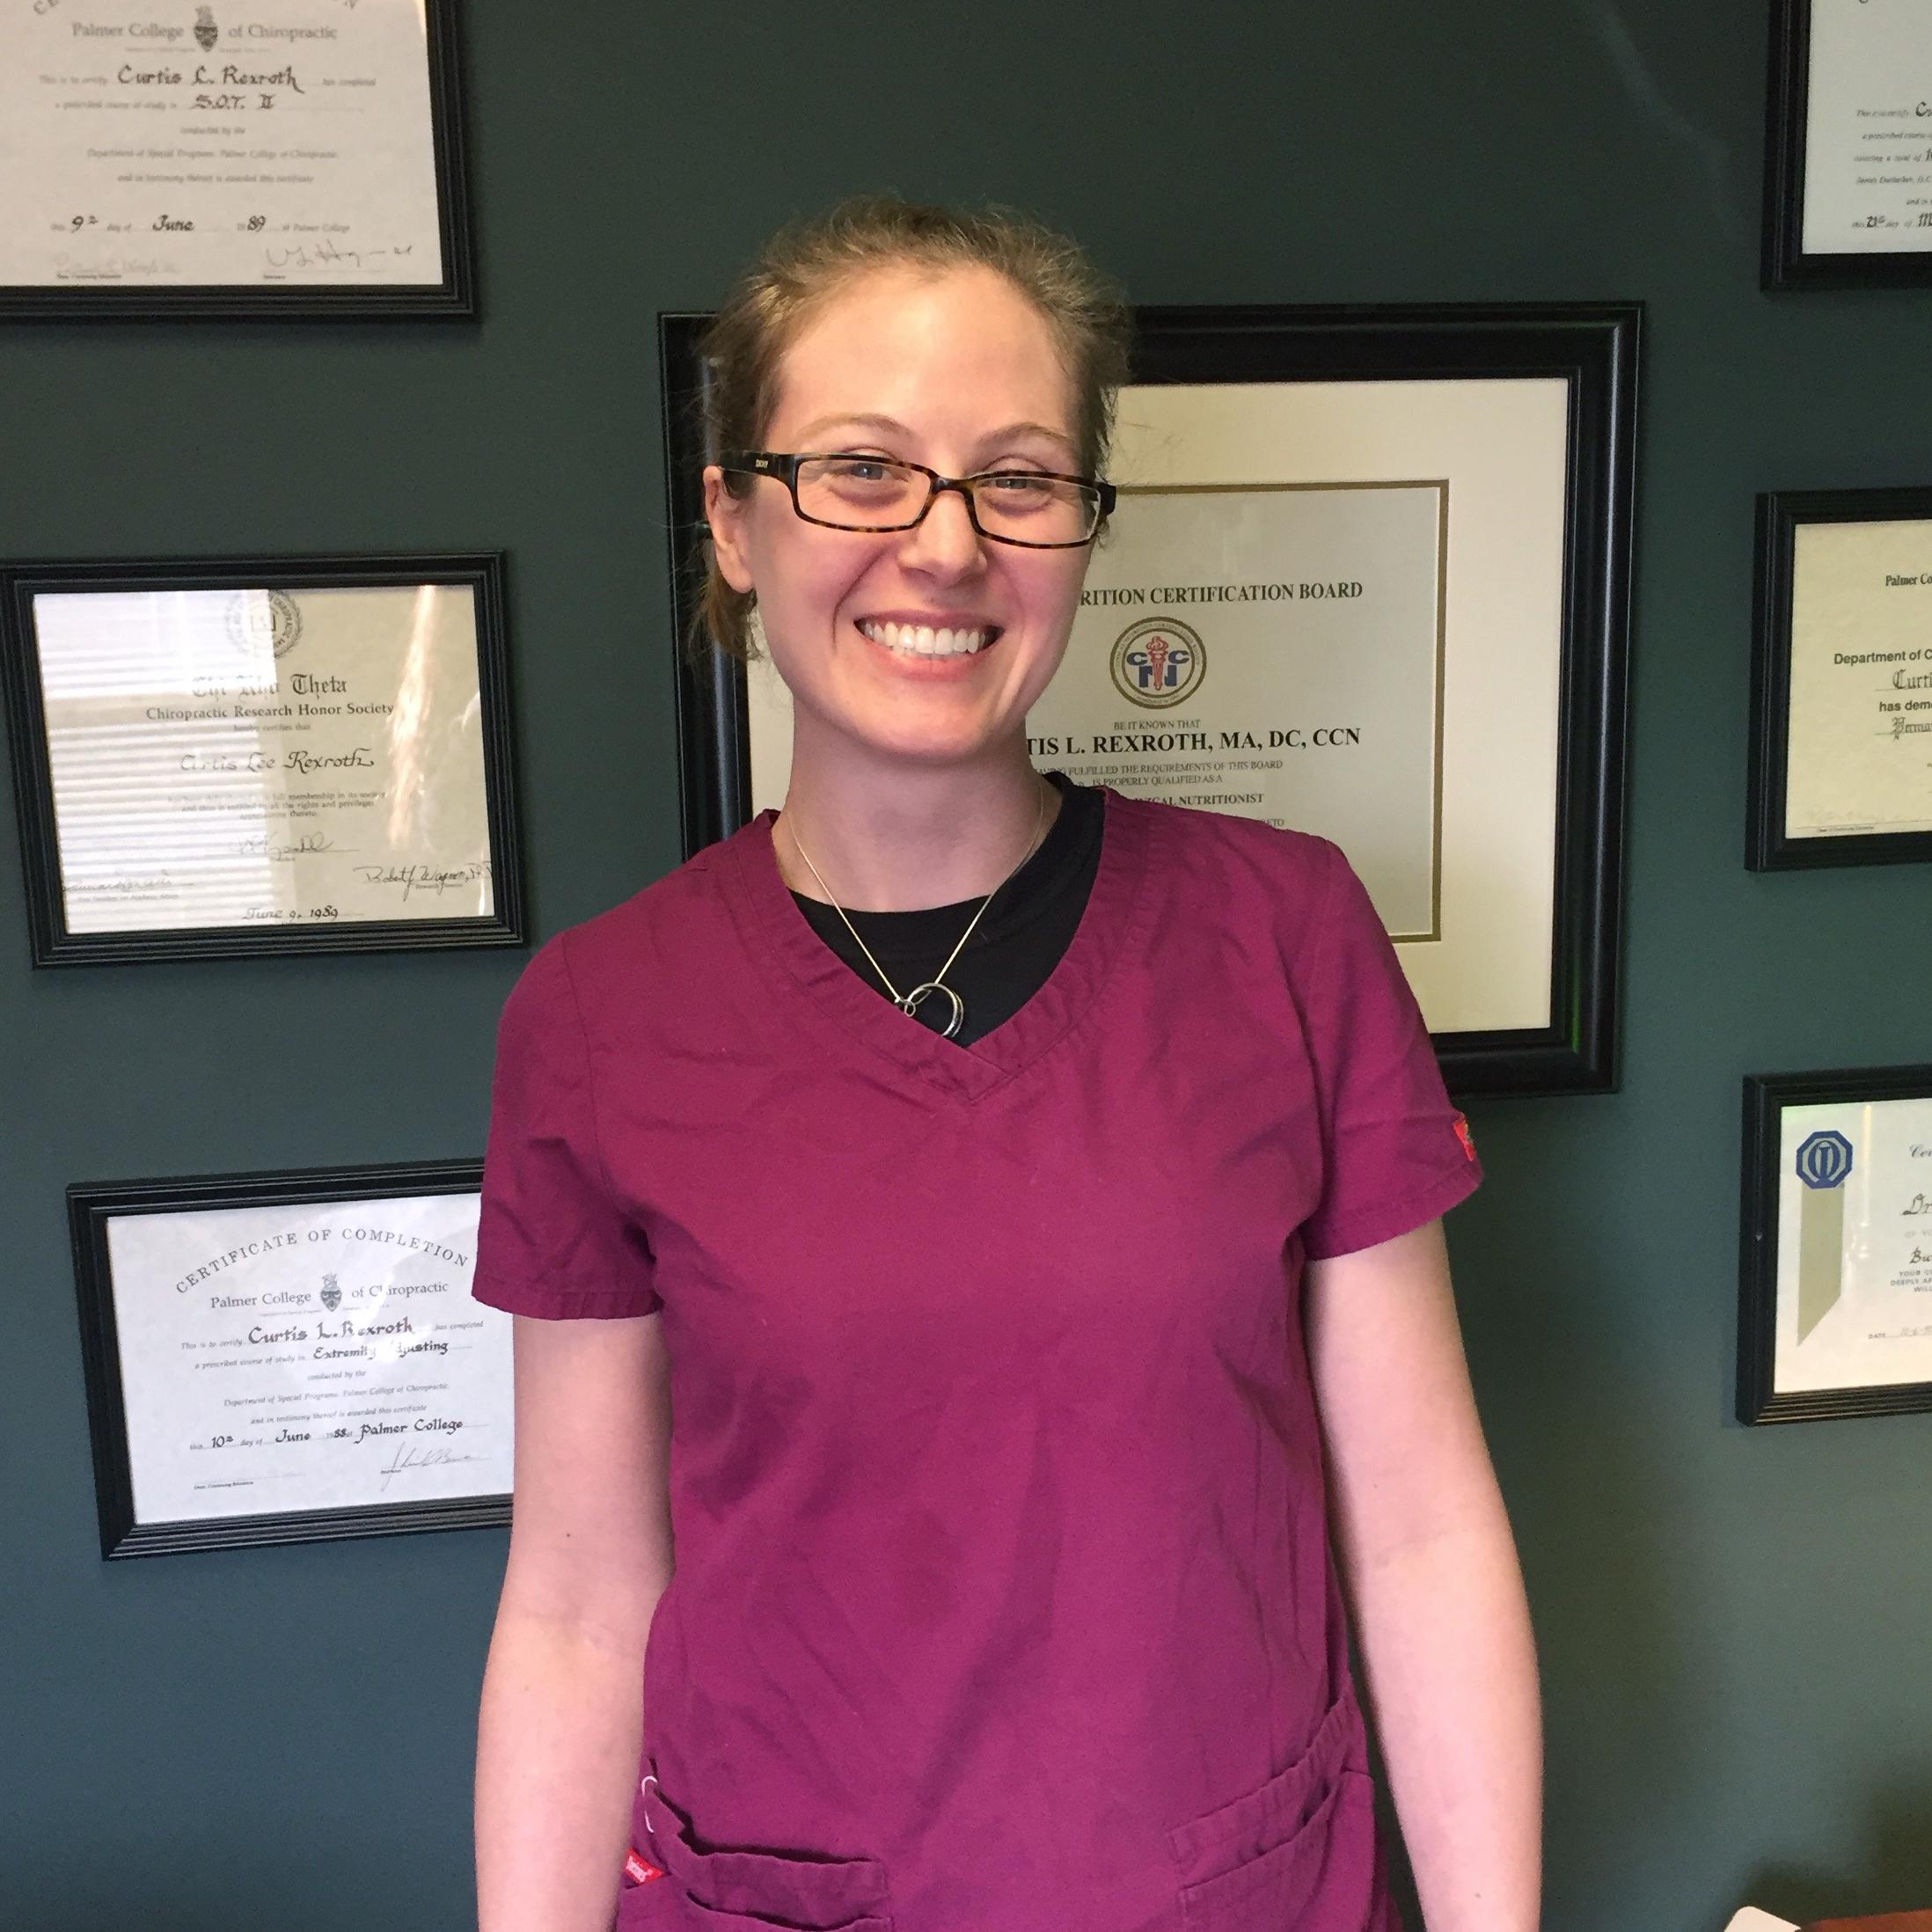 Angelique Gilbert, Patient Educator